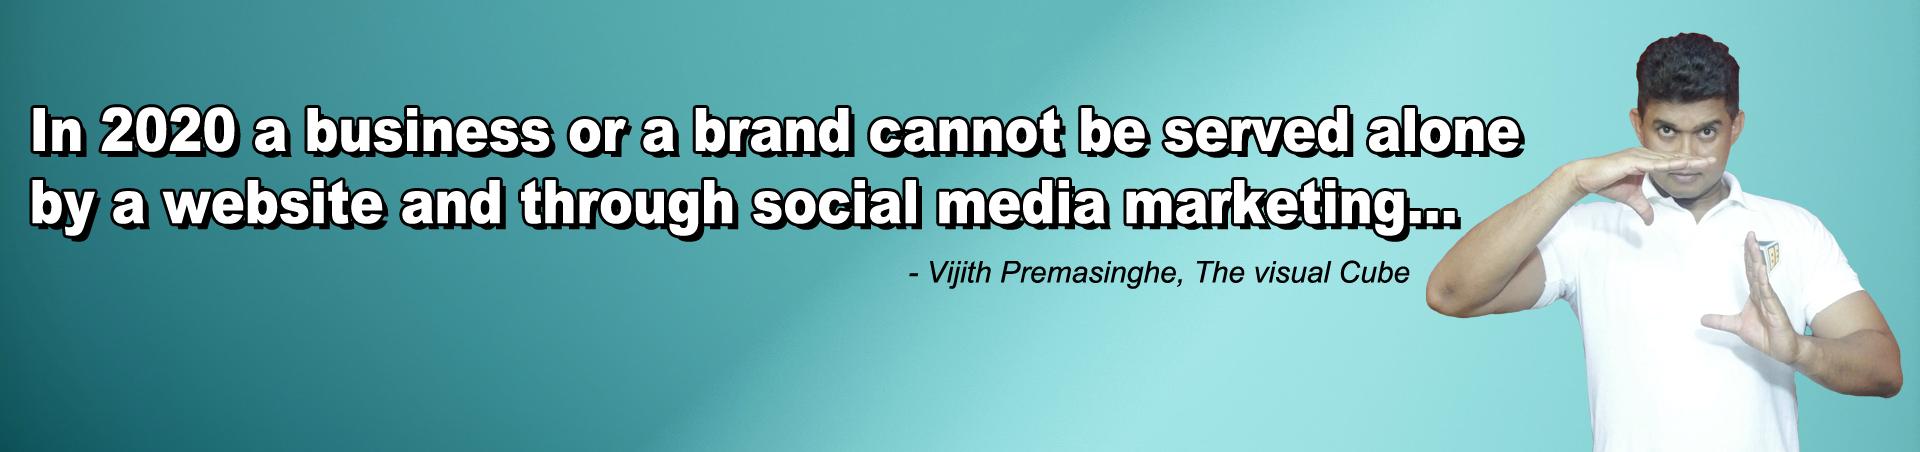 Vijith Premasinghe quote 2020